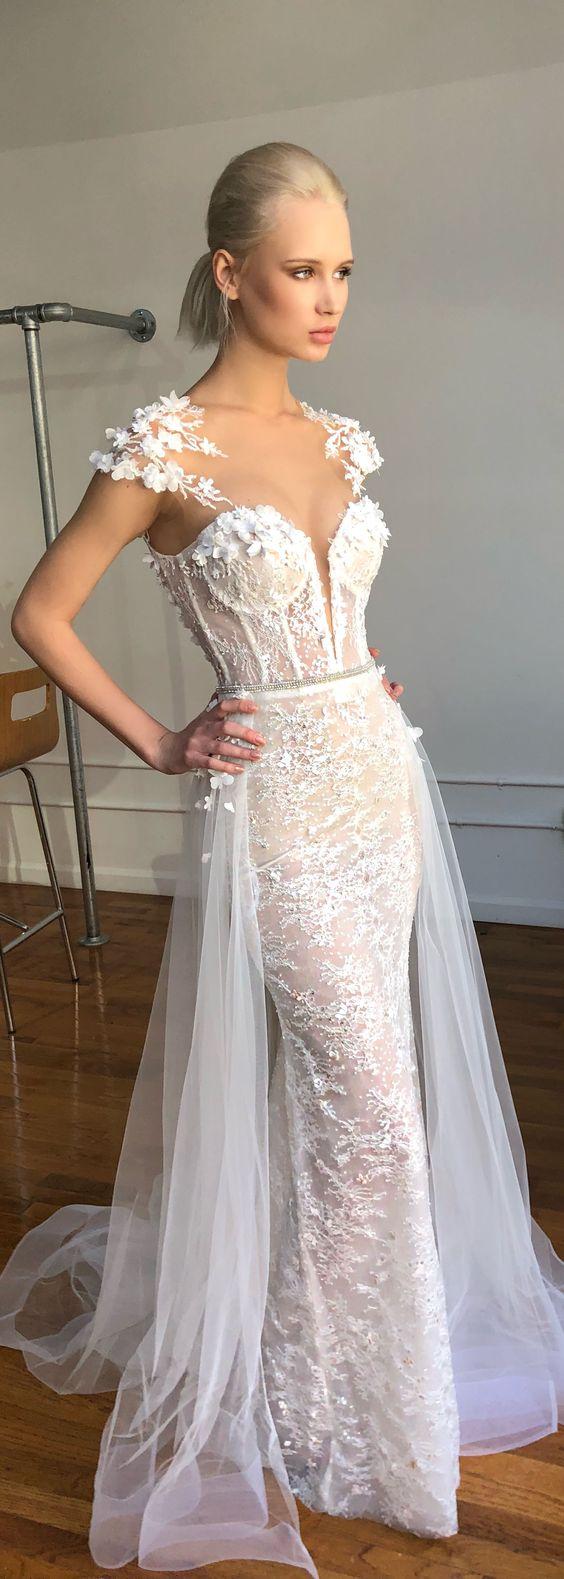 vestido de noiva 2019 6